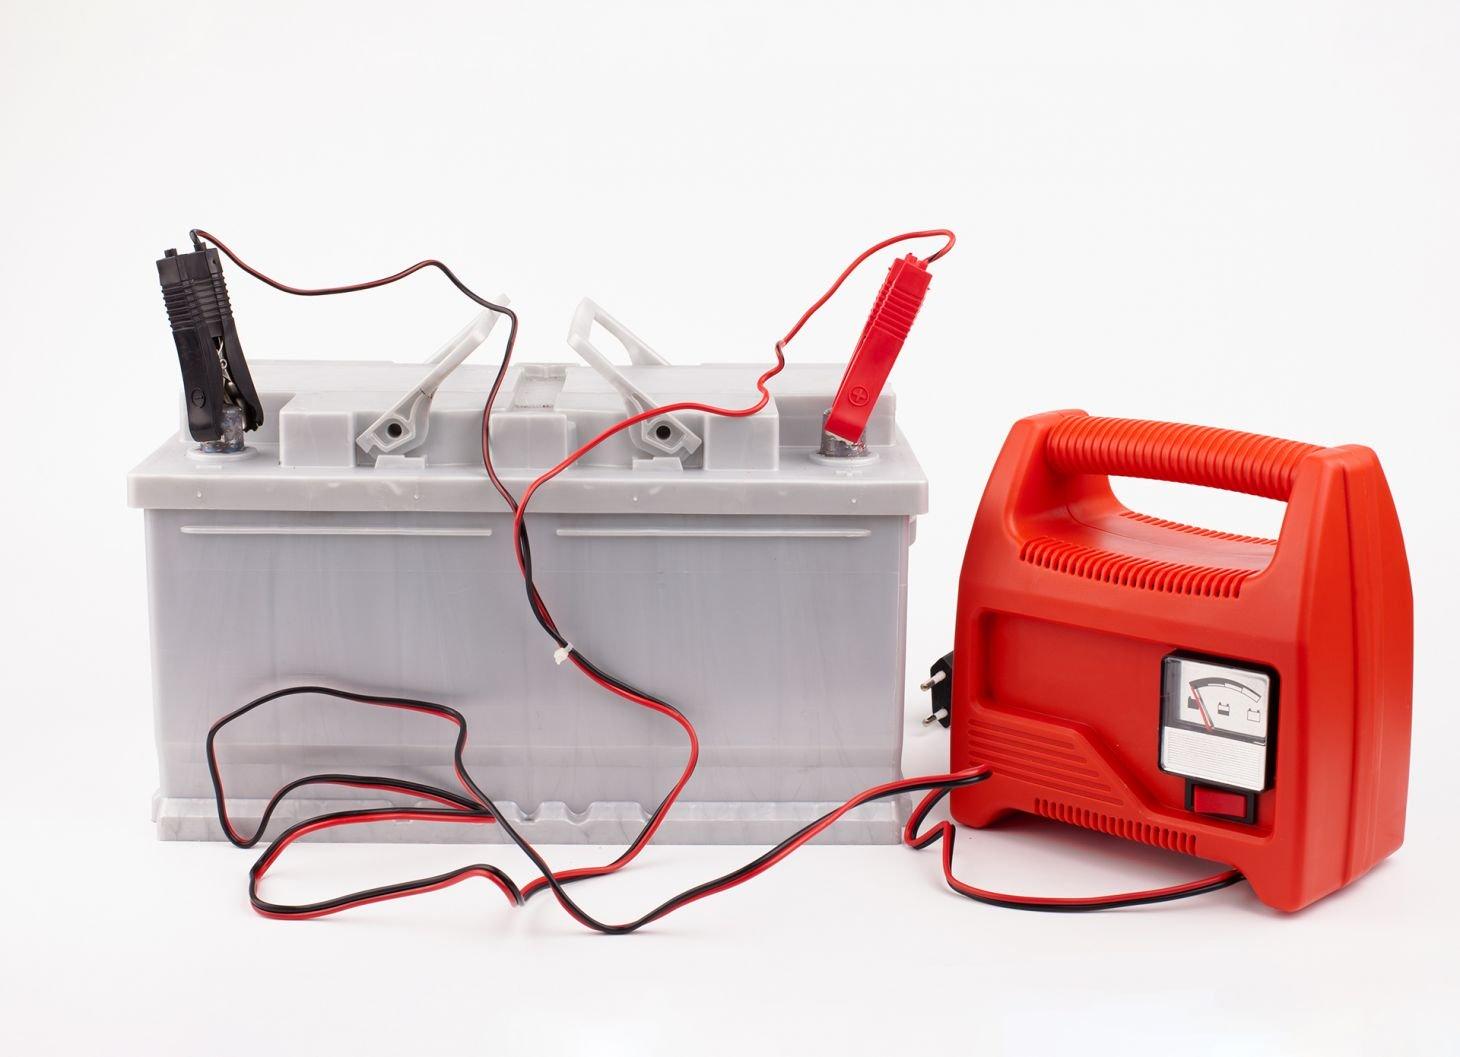 carregador de bateria de carro vermelho com cabos conectados a uma bateria sobre fundo branco